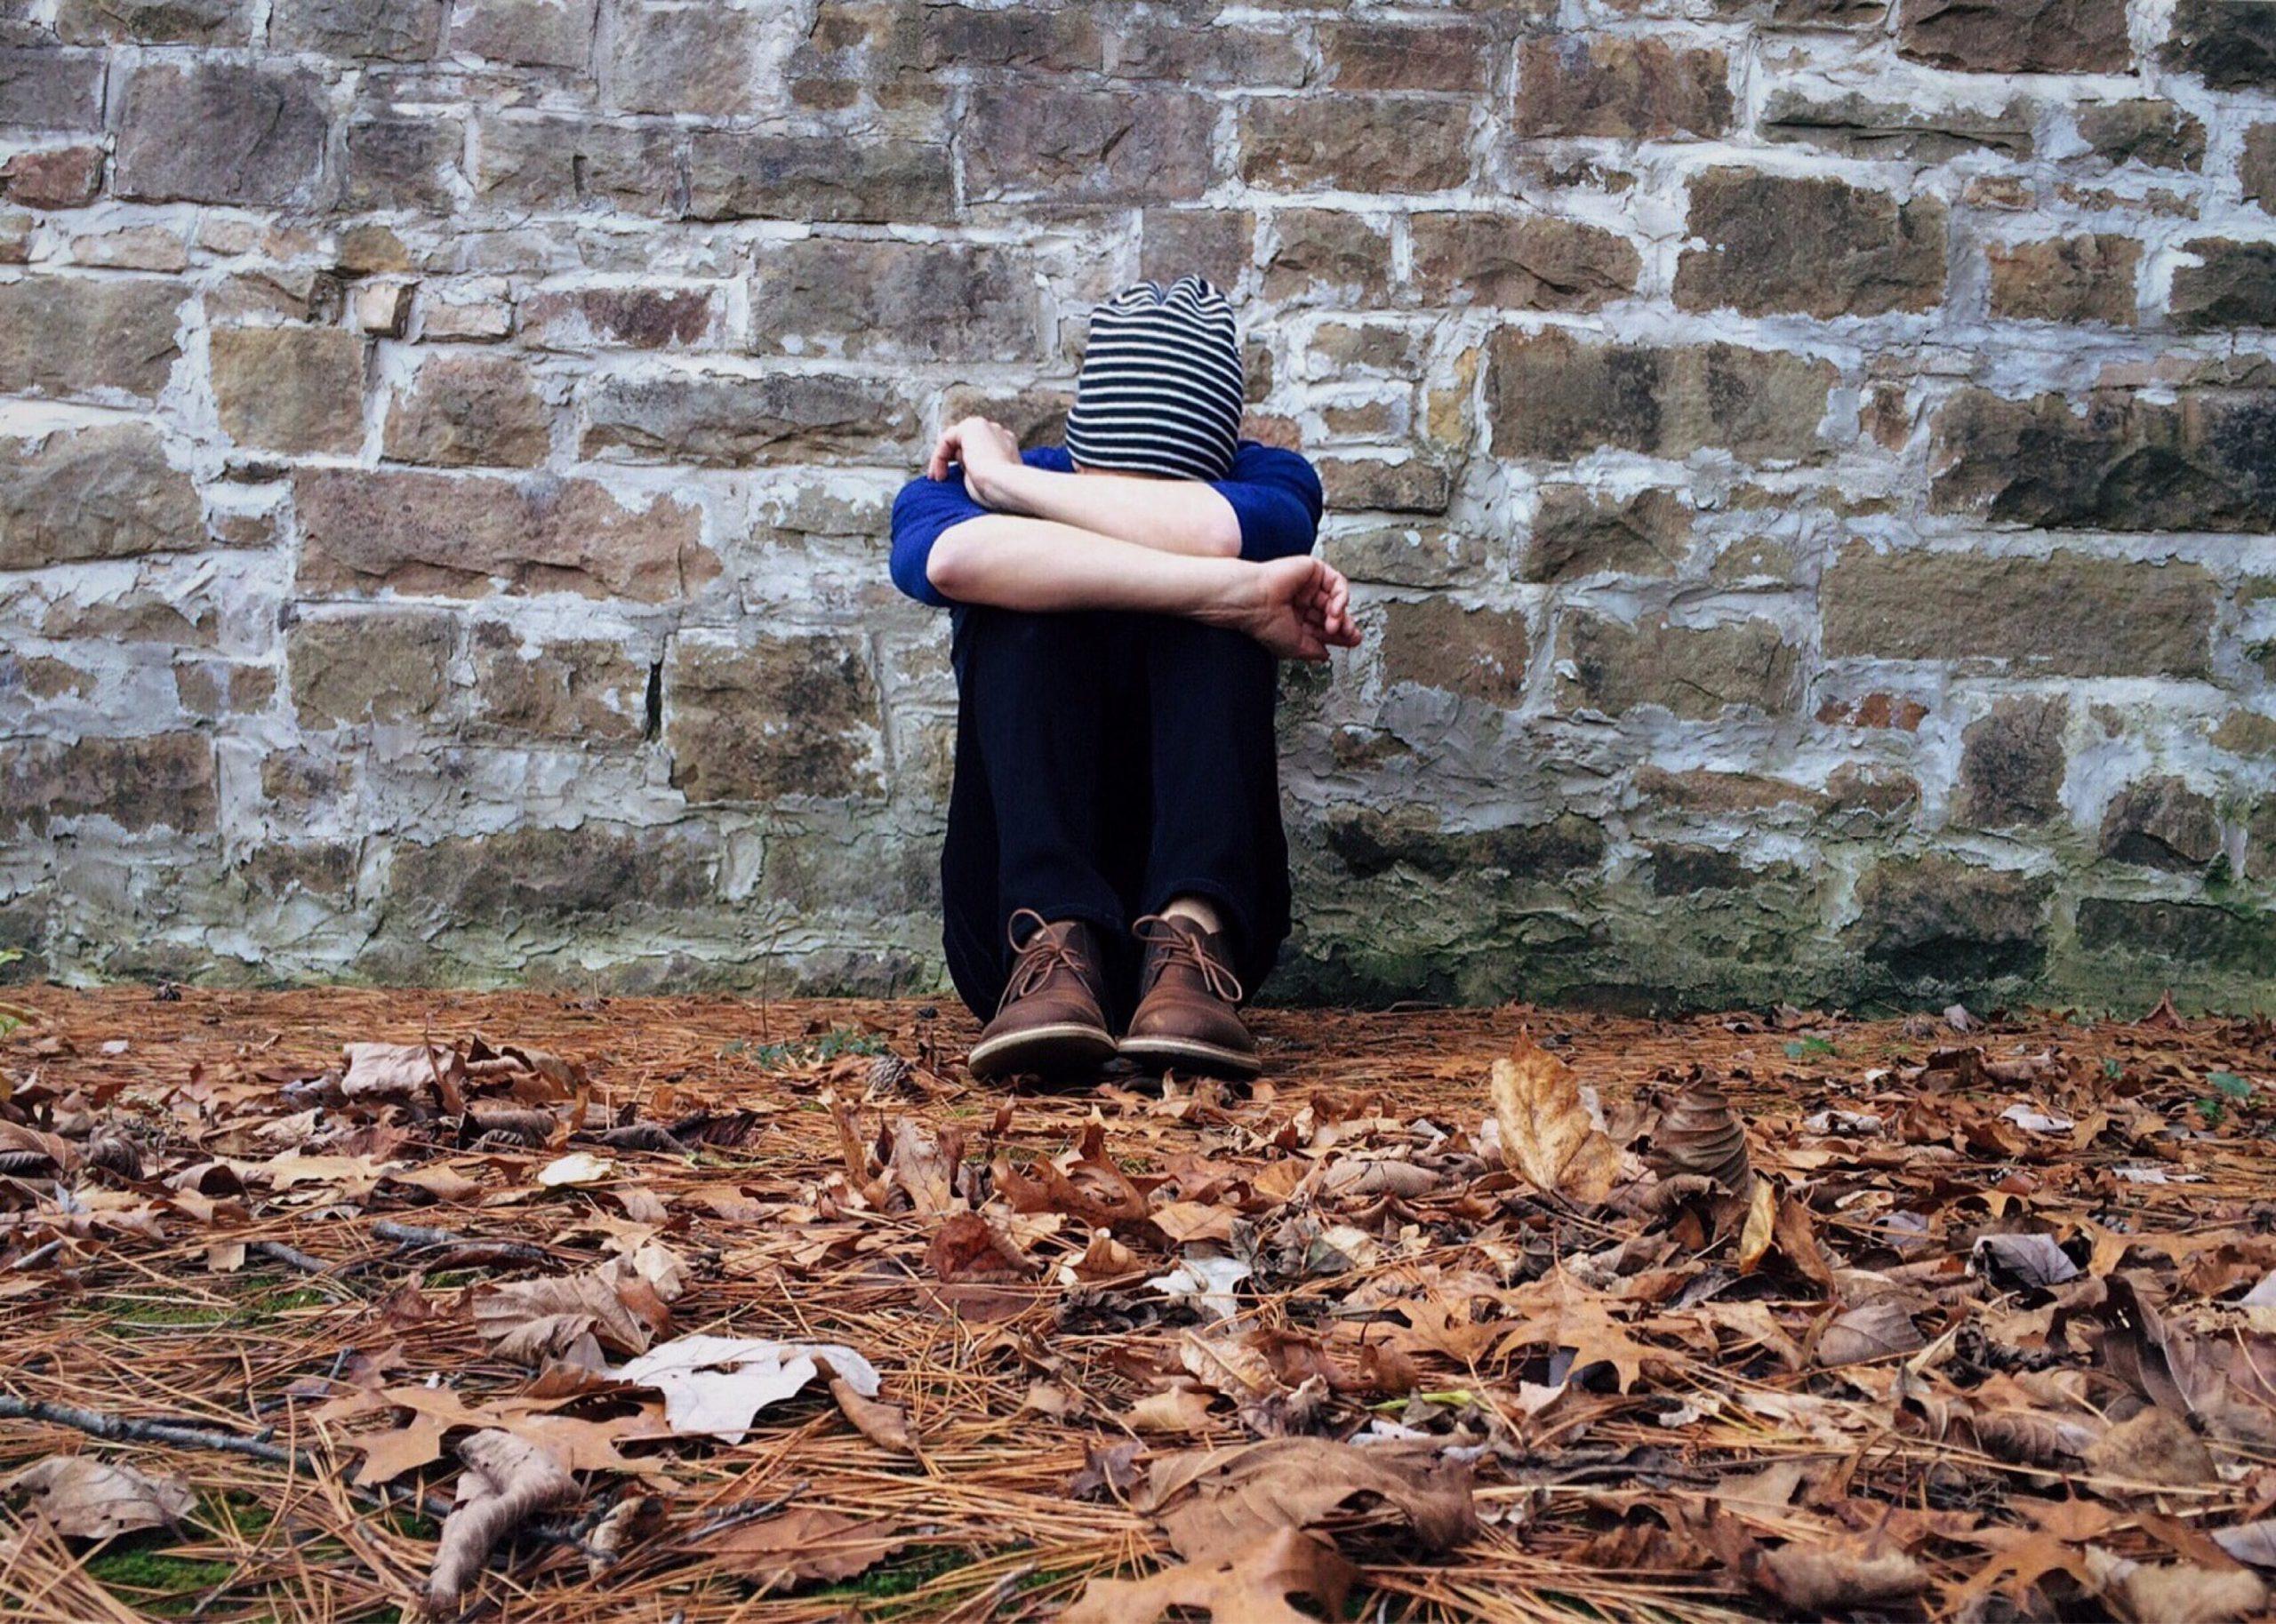 Intelligence émotionnelle - Acquérir un équilibre émotionnel